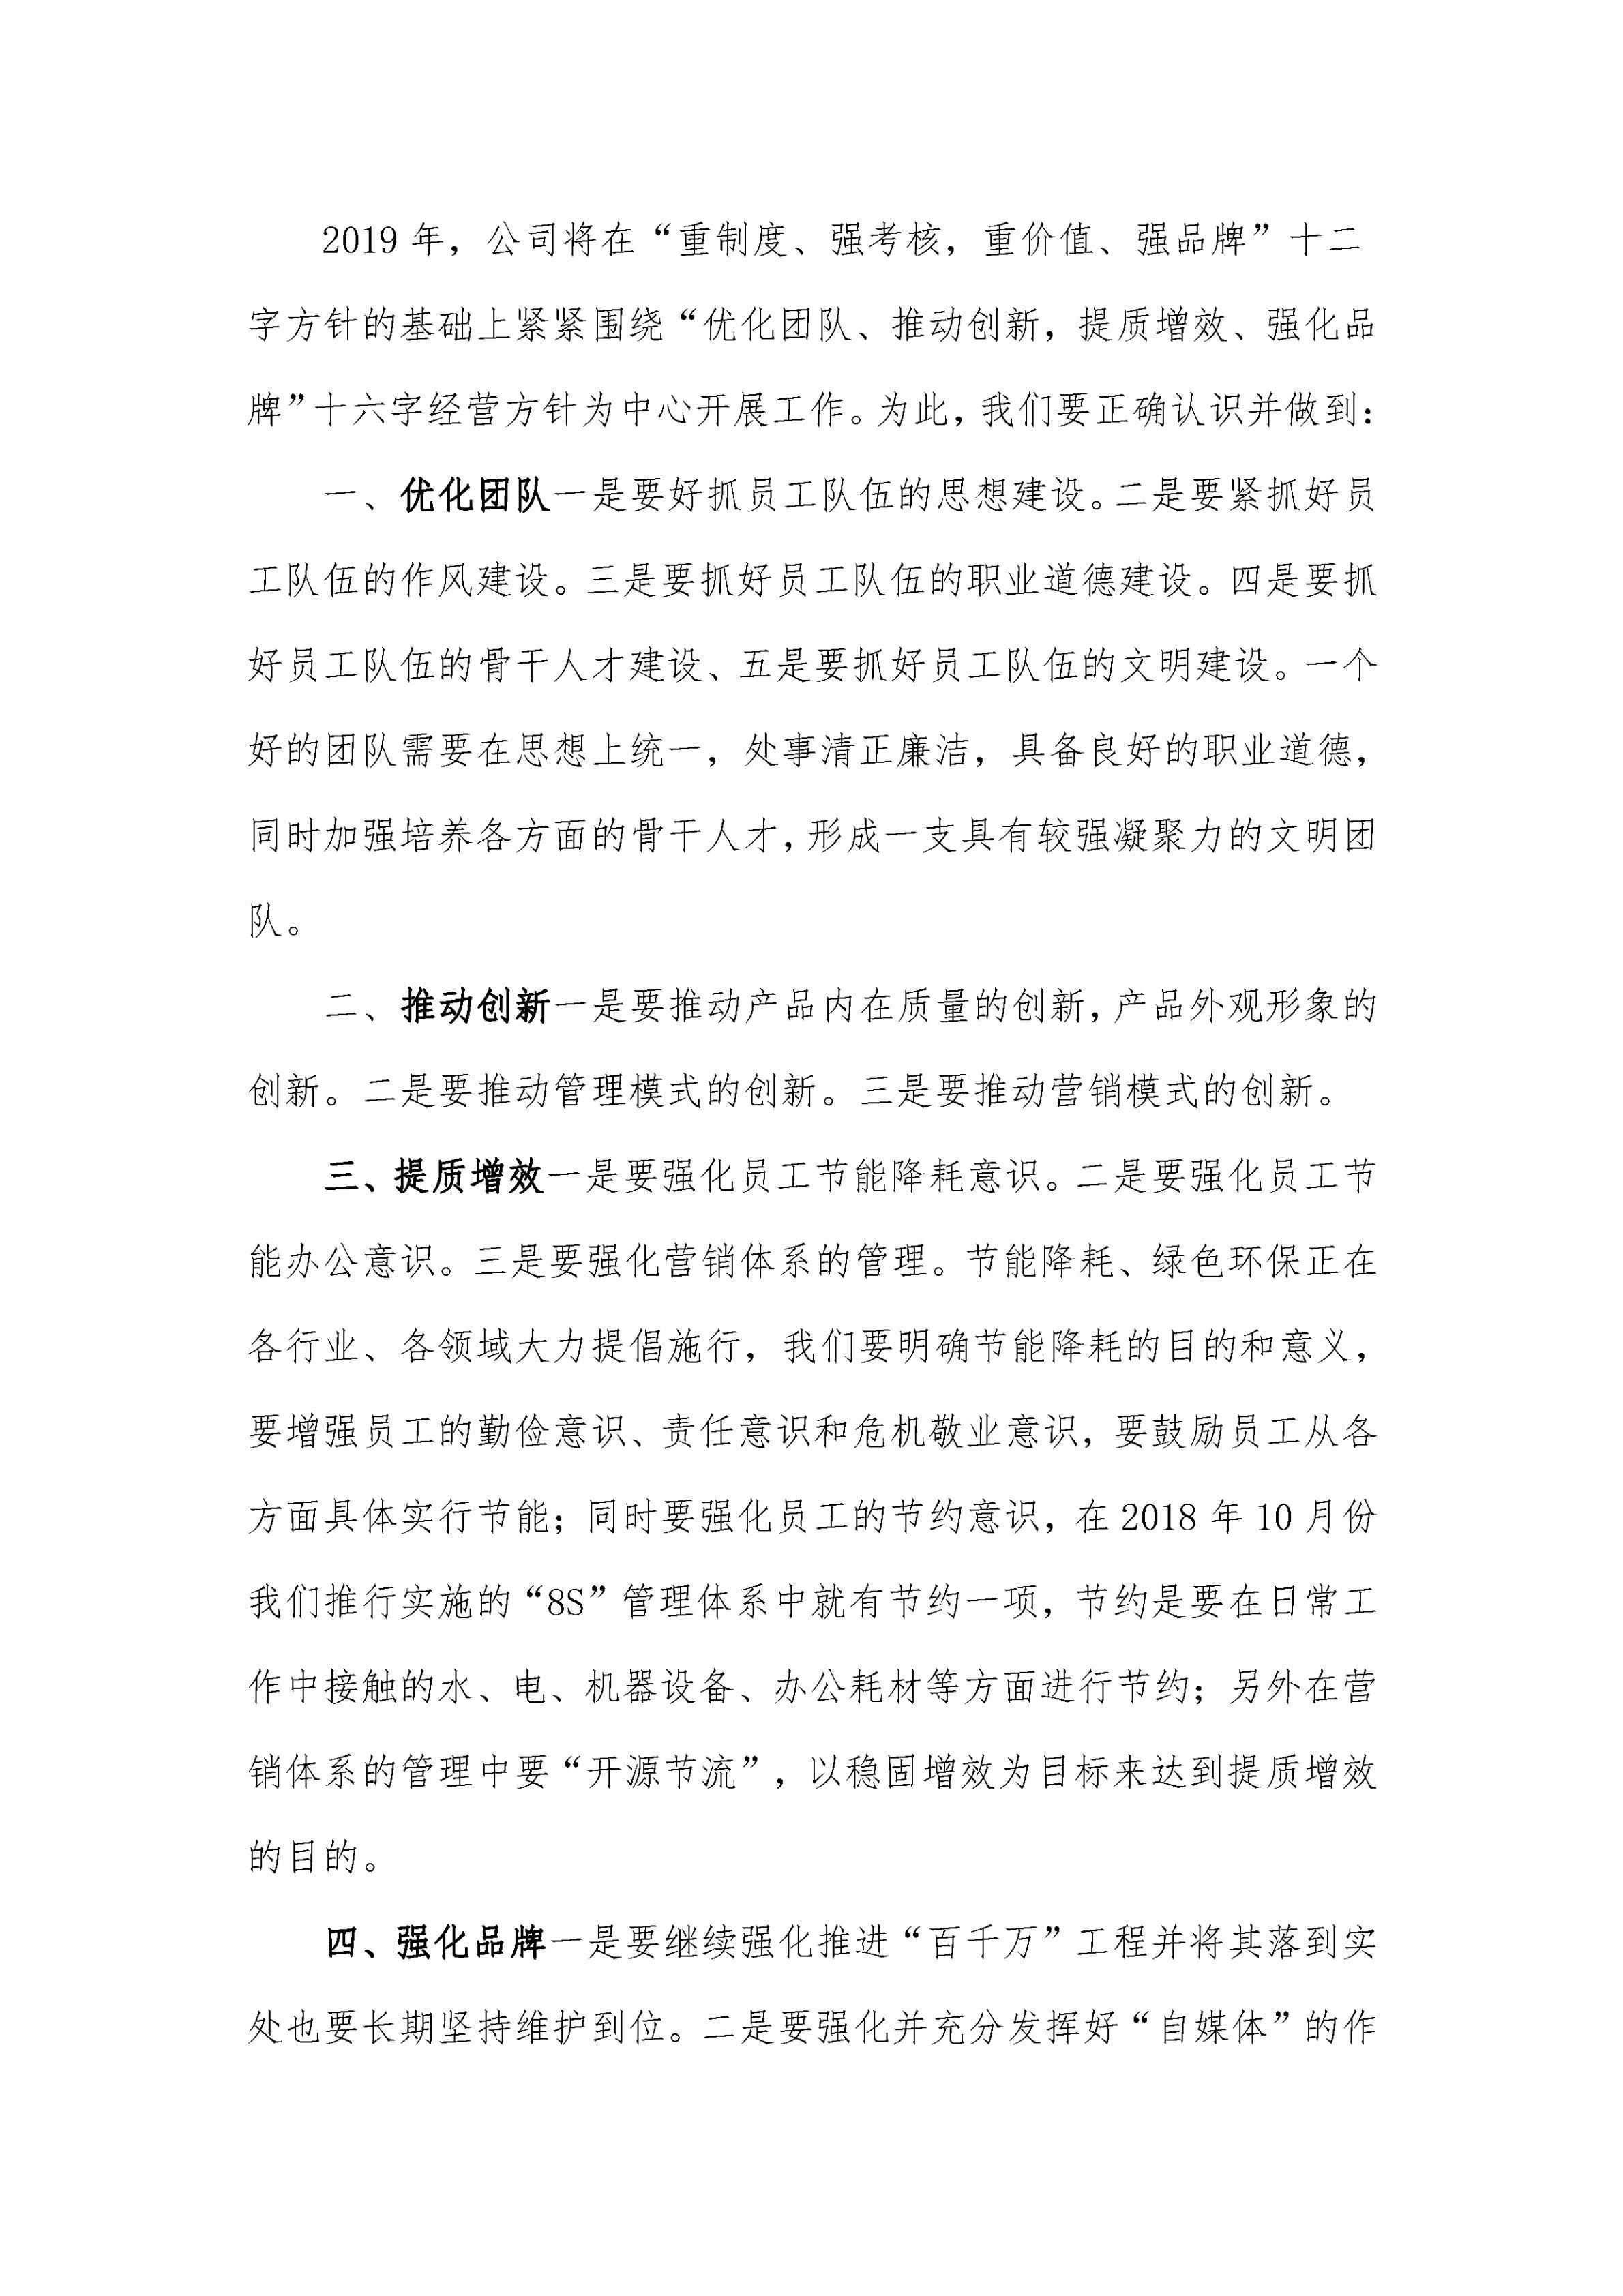 云南理世實業(集團)有限責任公司2018年社會責任報告.FR11_14.jpg